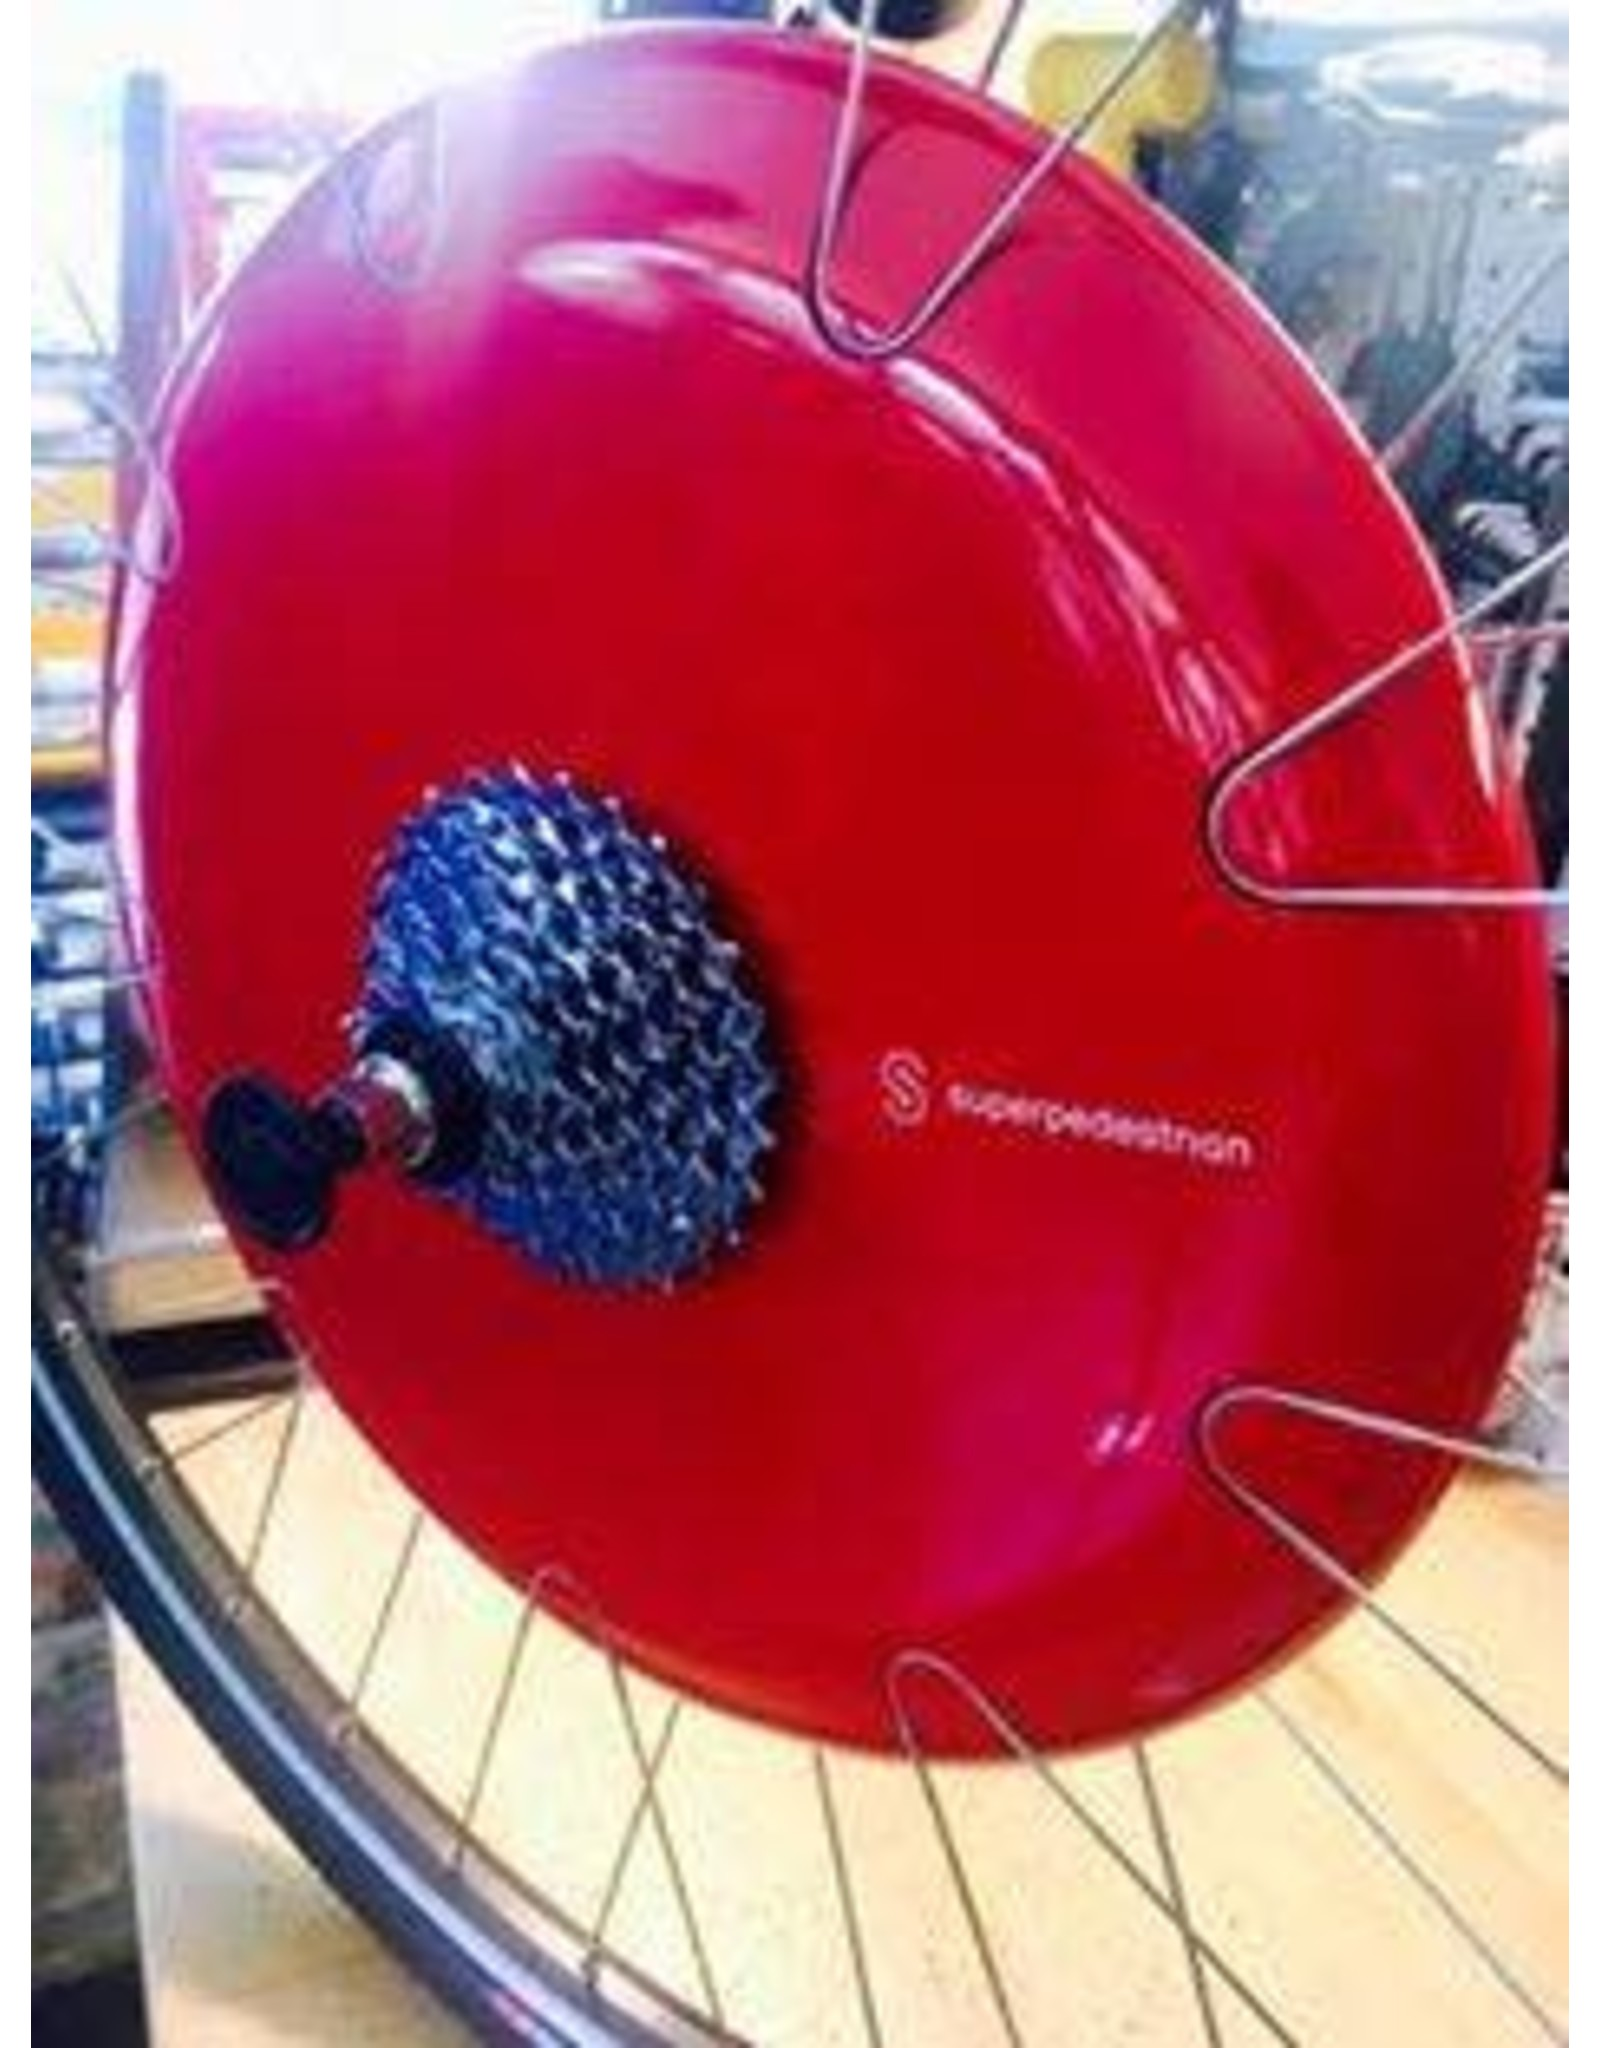 Copenhagen Wheel